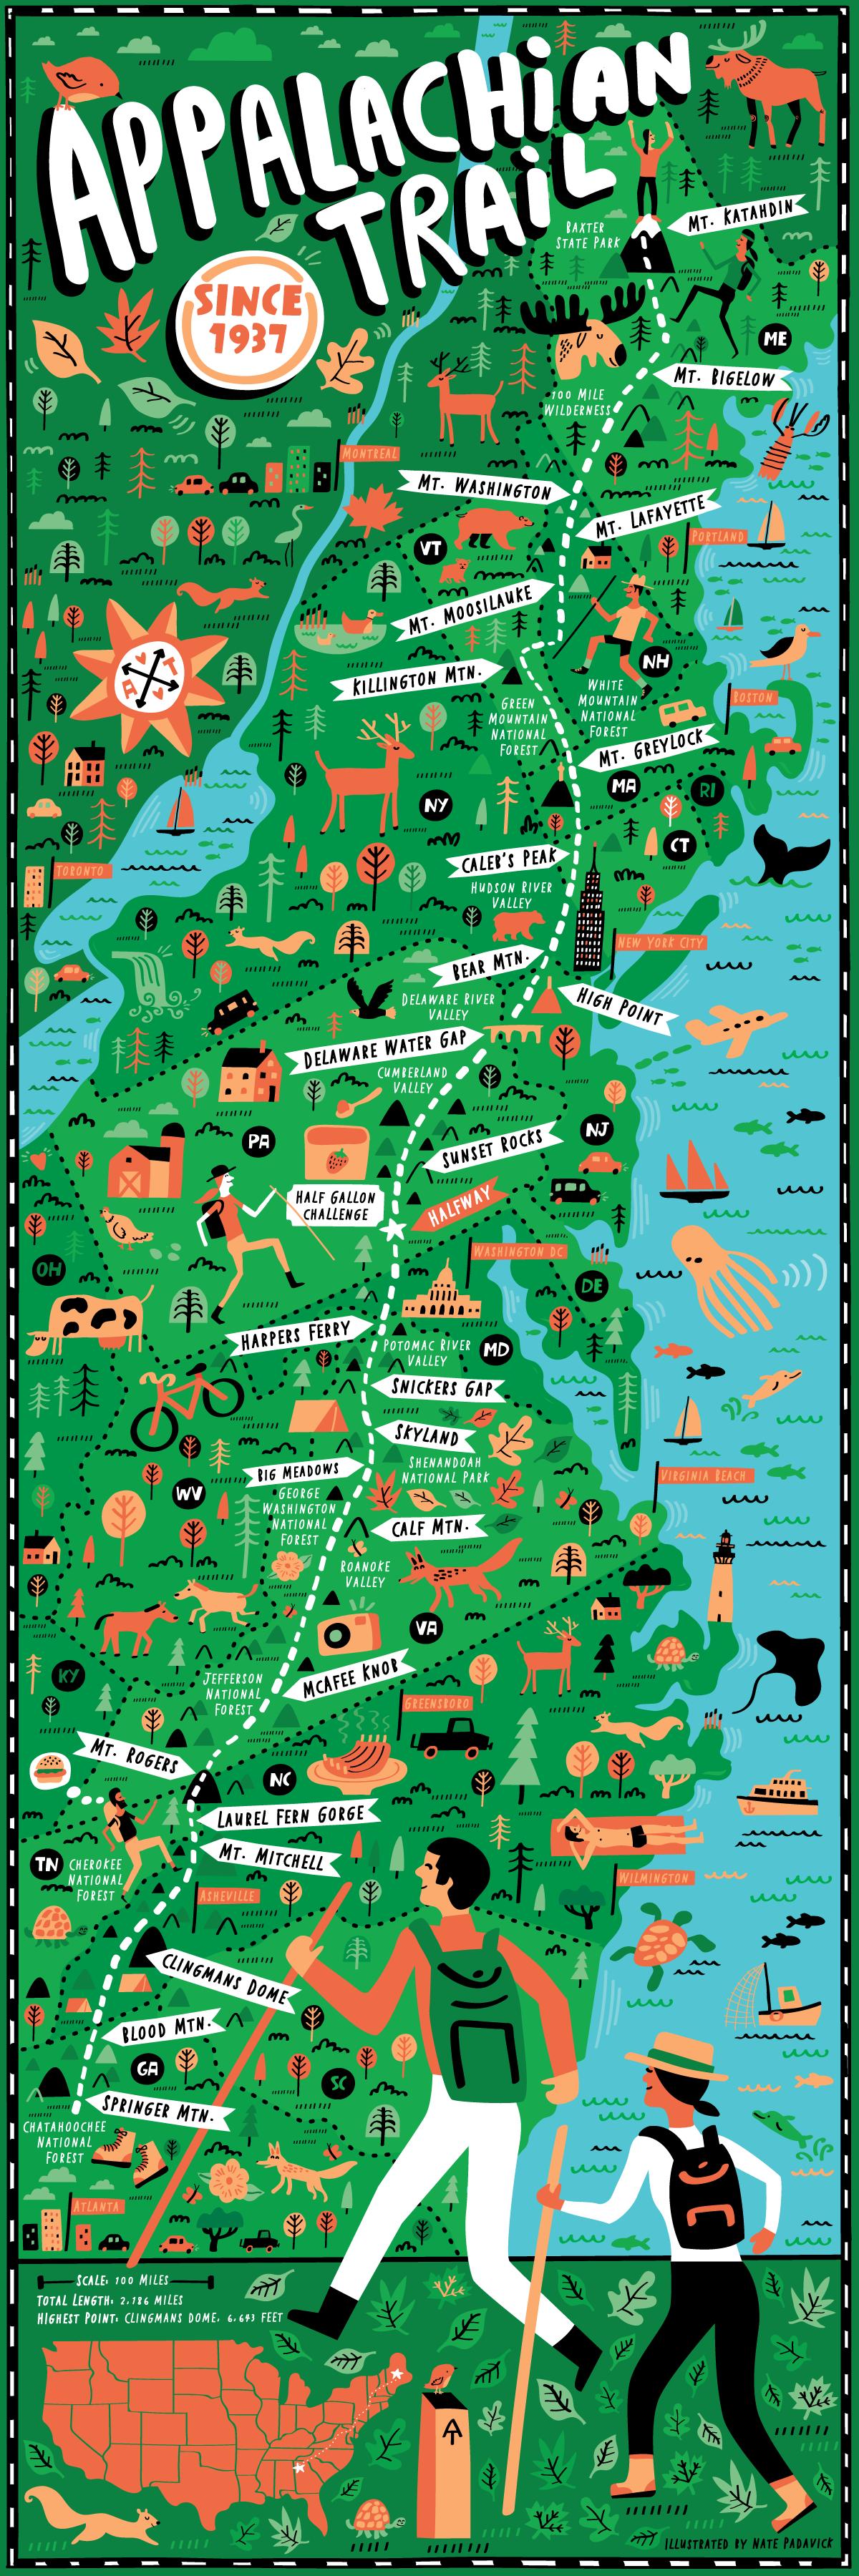 Appalachian Trail map illustrated by Nate Padavick